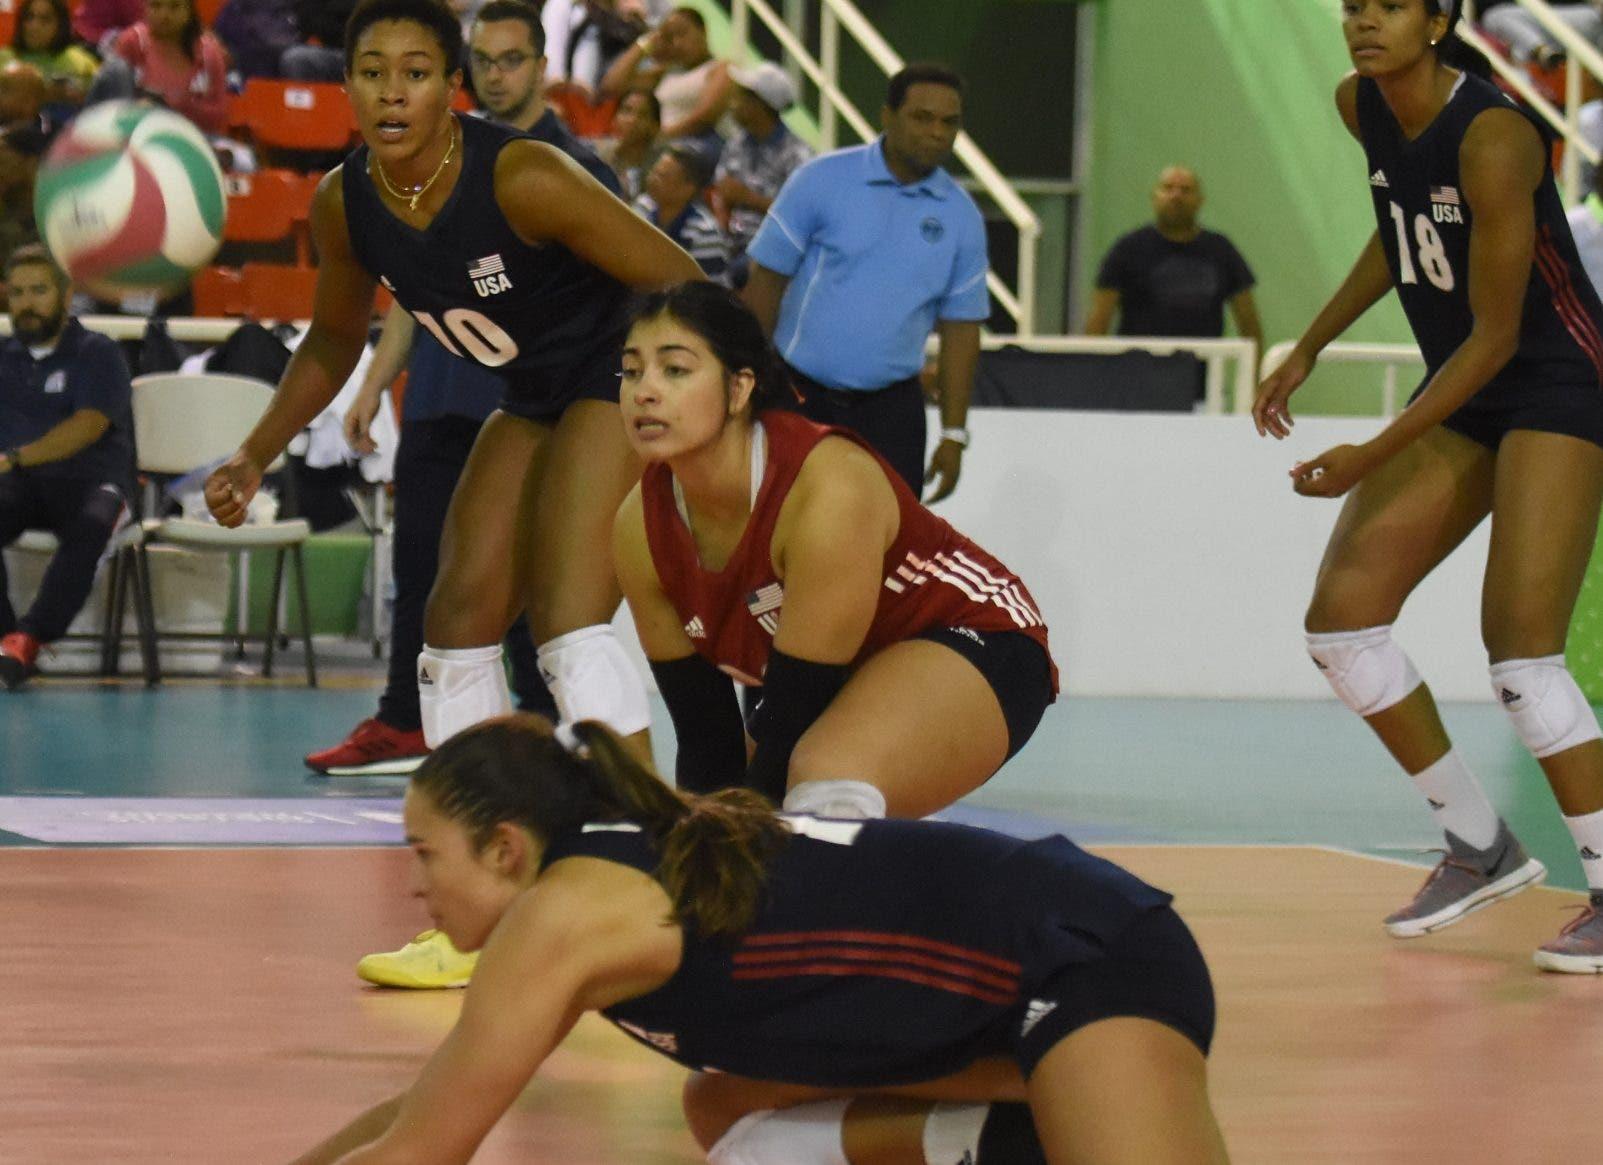 Acción del partido  entre los equipos de Estados Unidos    y Puerto Ric0 en el Panam de voleibol femenino.  Alberto calvo